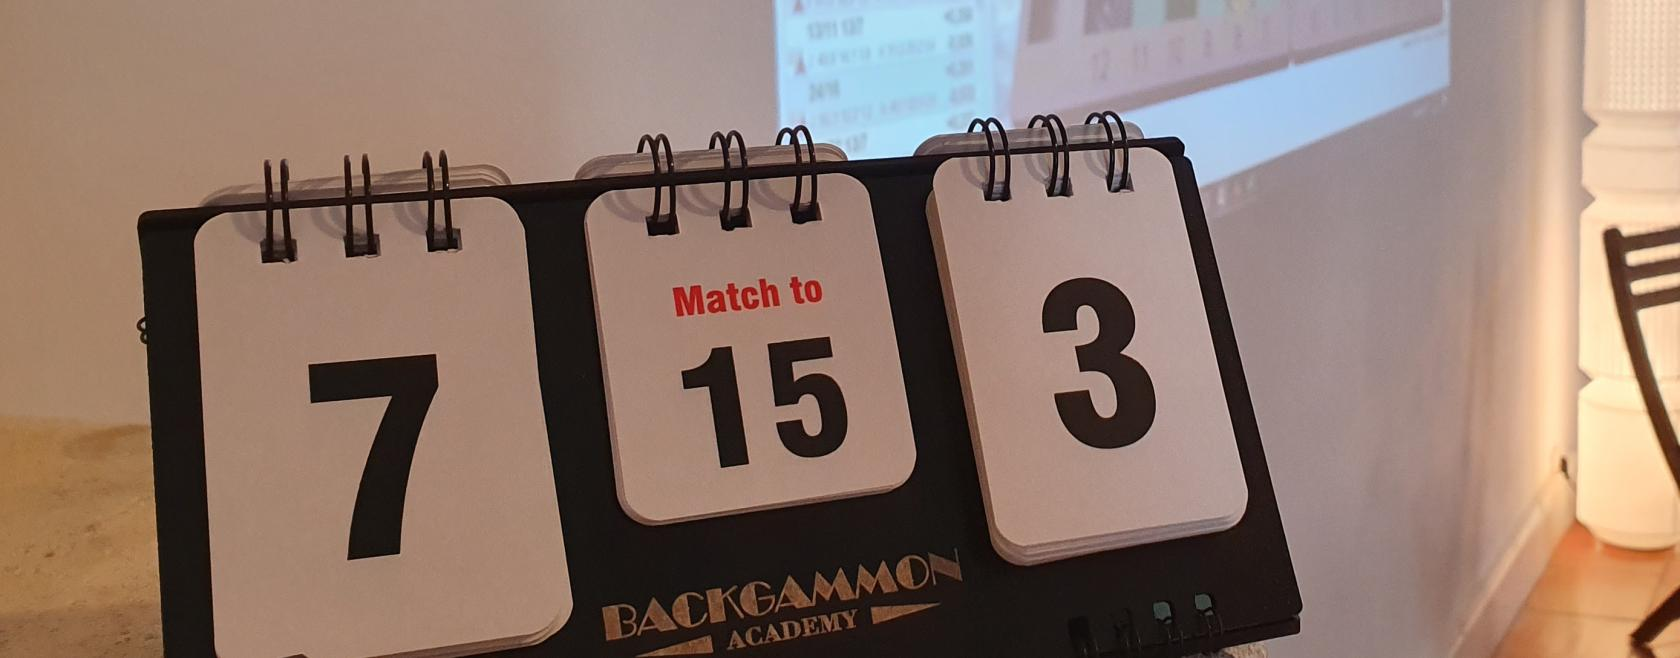 Cours de Backgammon & Coaching